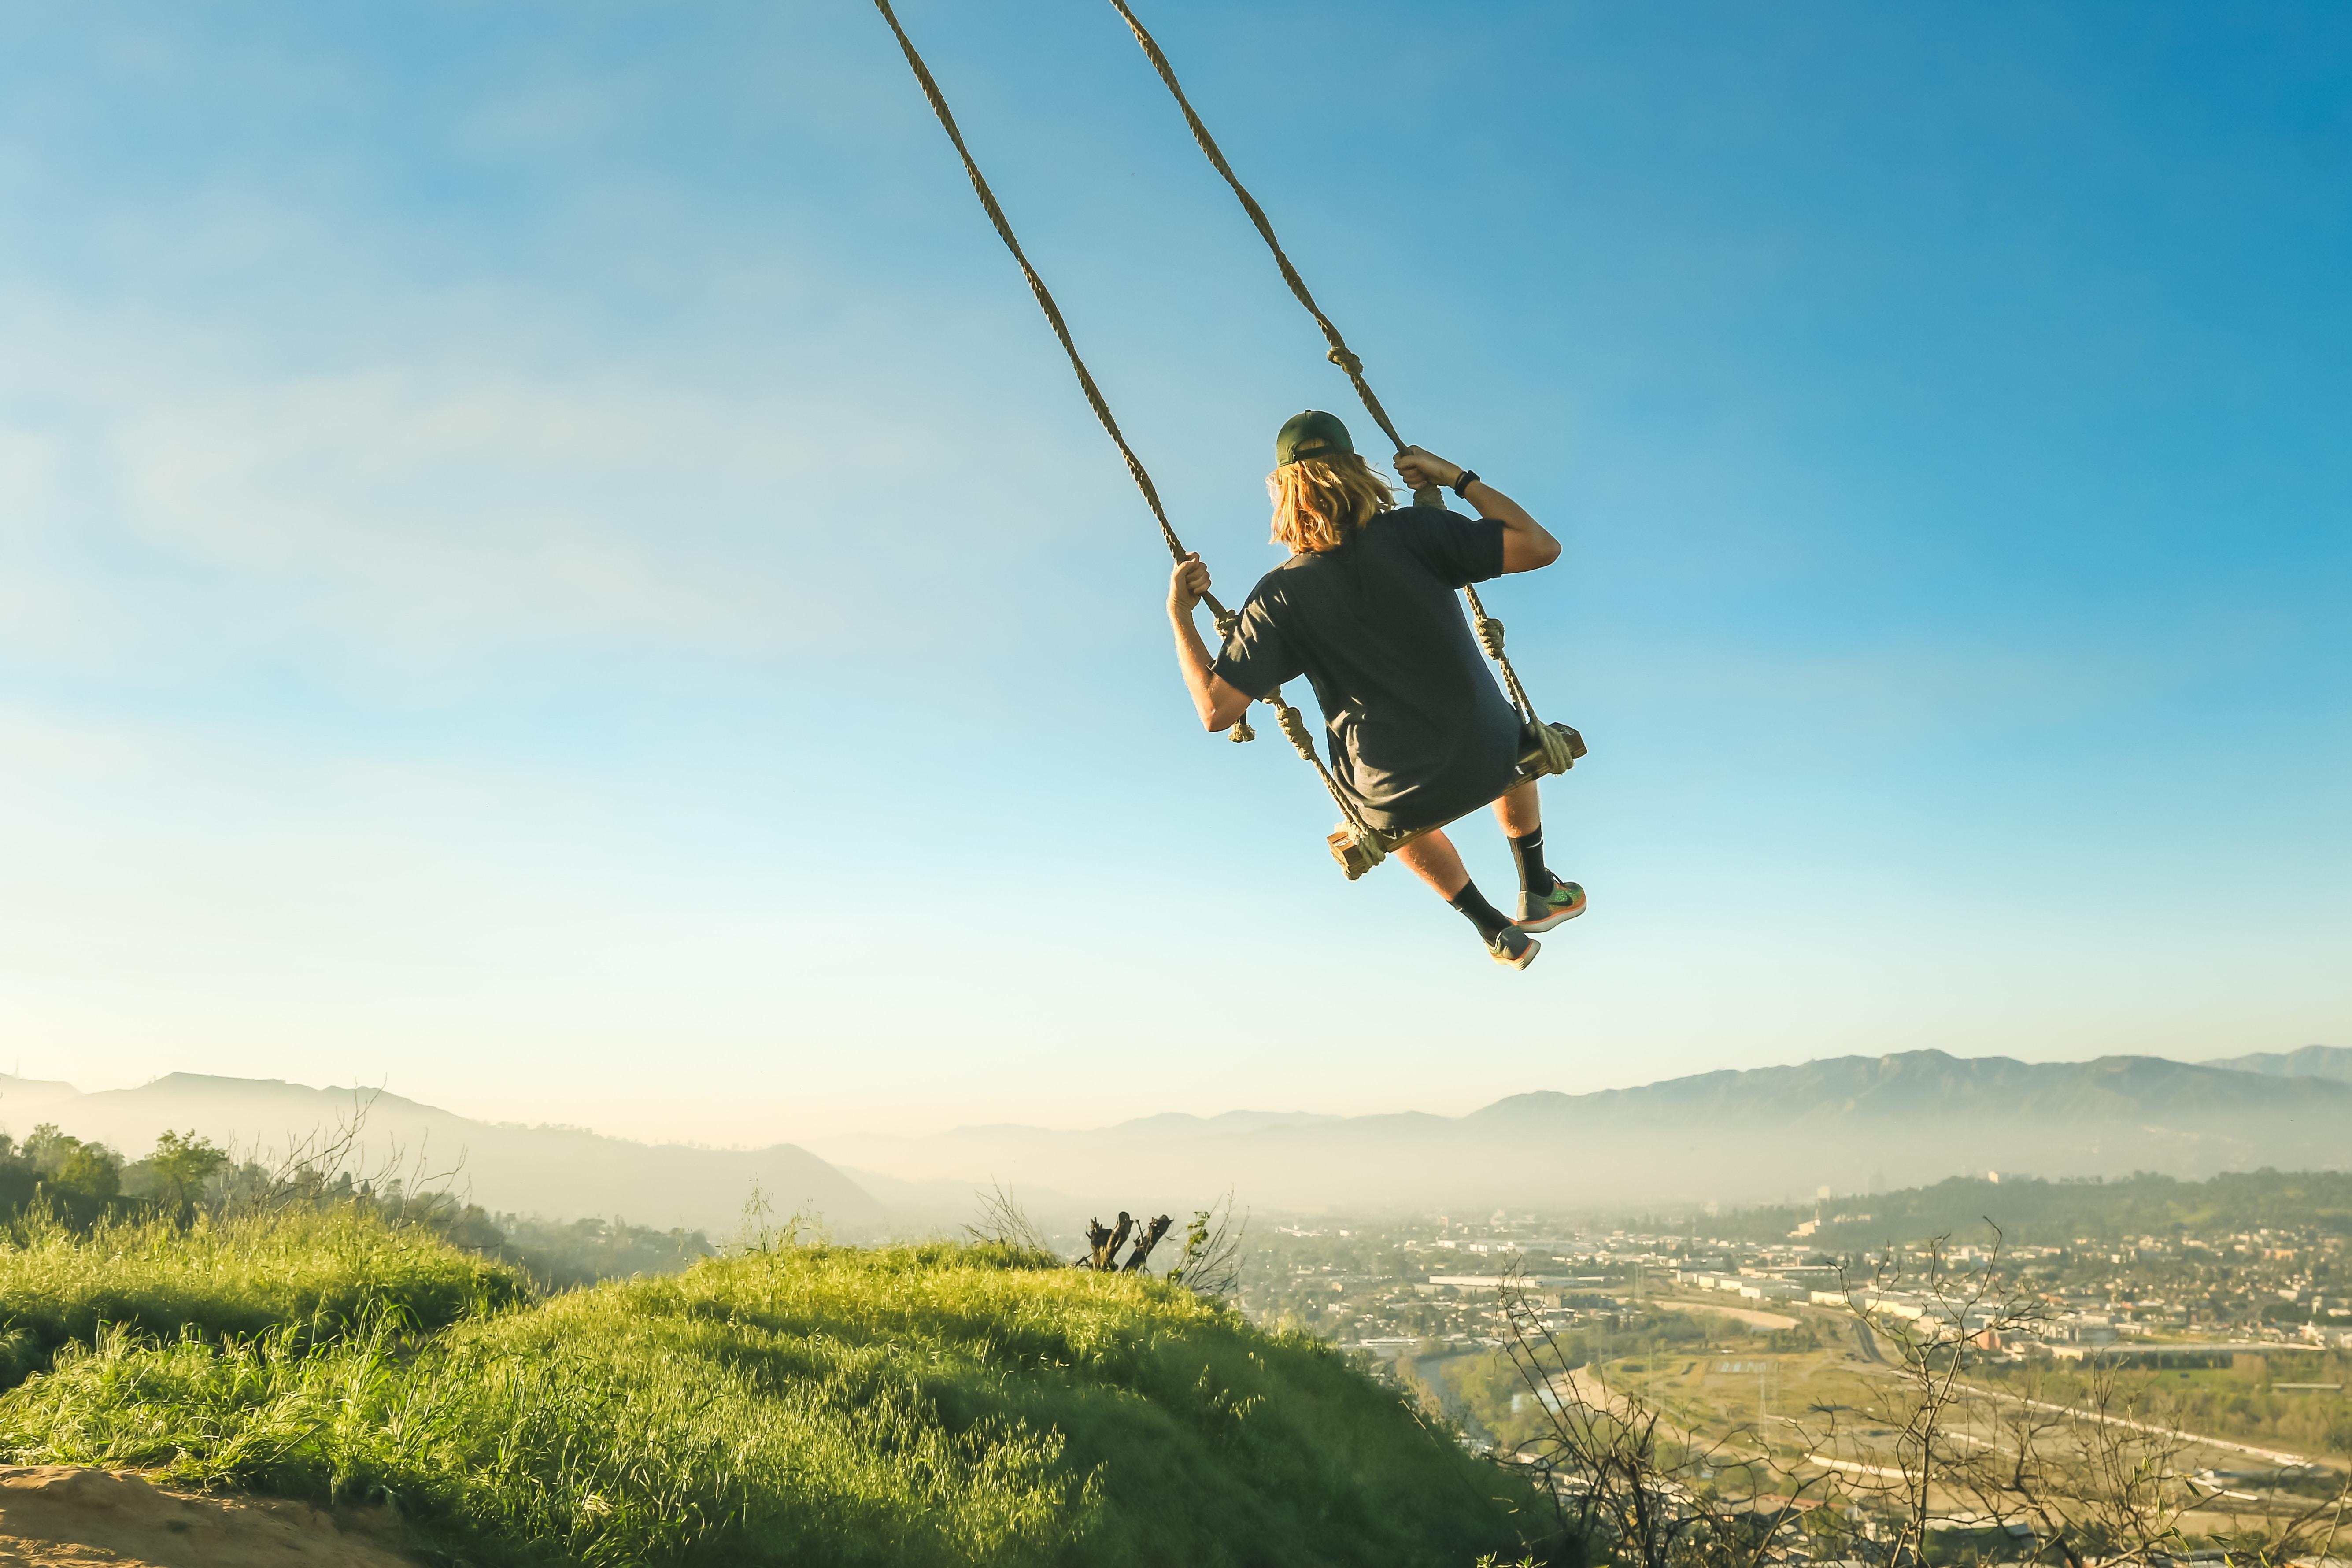 women riding swing